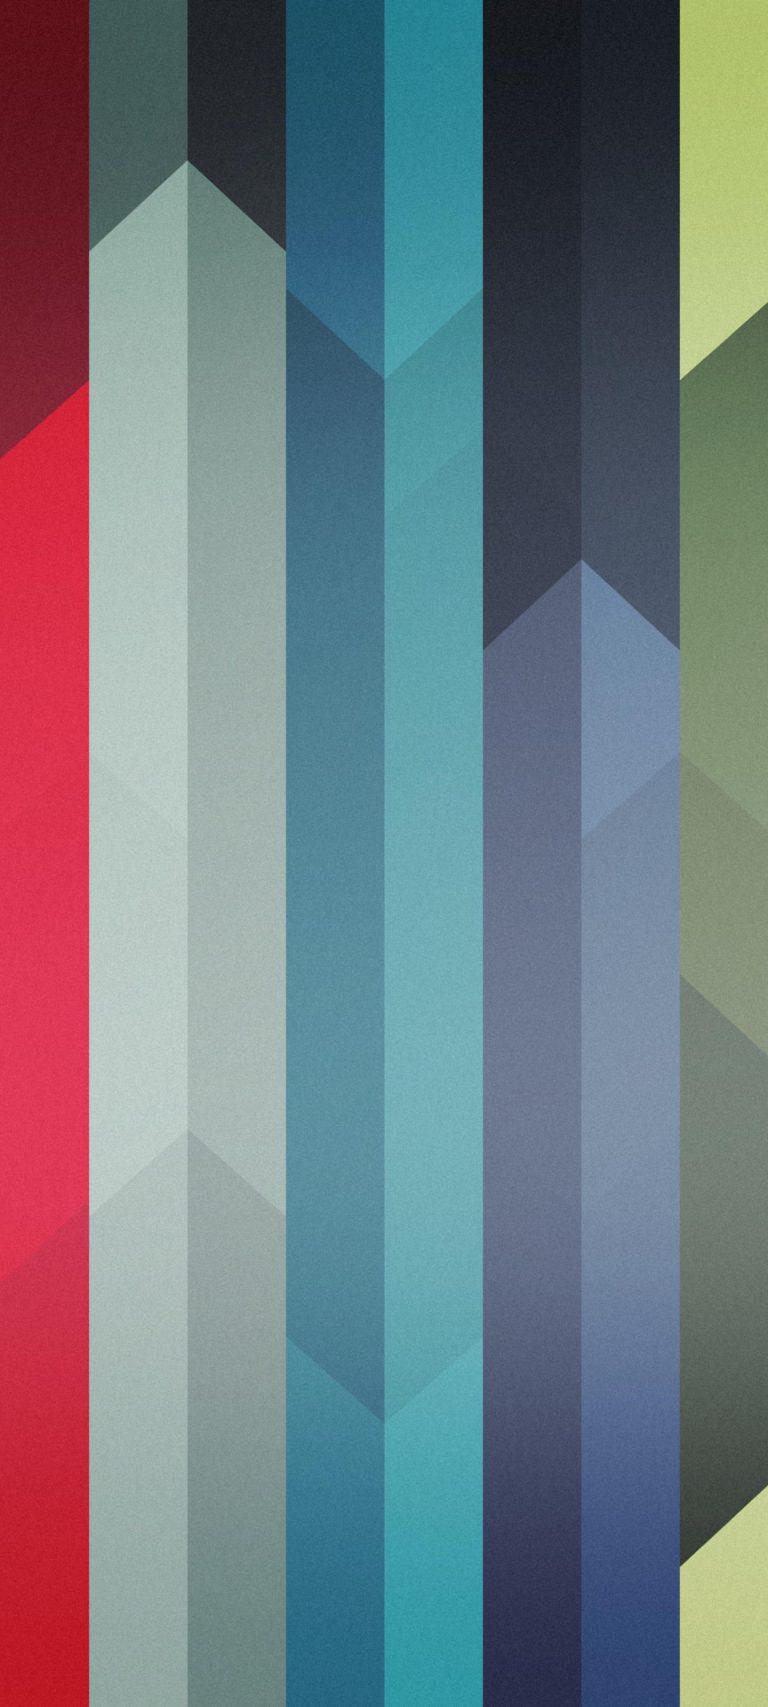 1440x3200 HD Wallpaper 128 768x1707 - 1440x3200 HD Wallpaper - 128